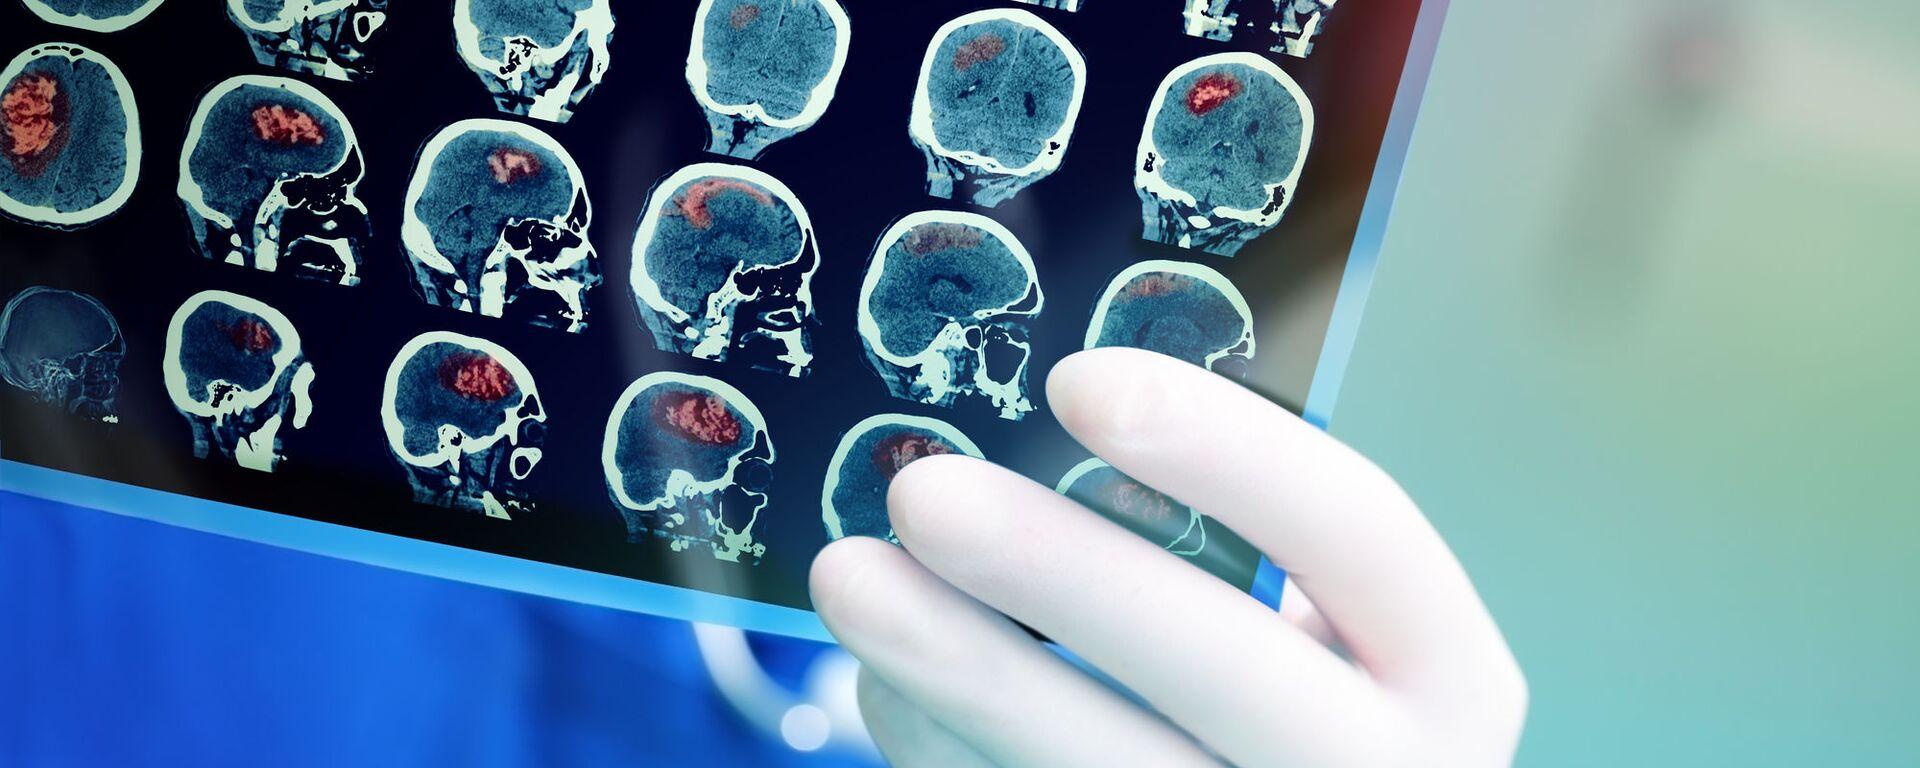 Snímek magnetické rezonance mozku pacienta - Sputnik Česká republika, 1920, 02.02.2021